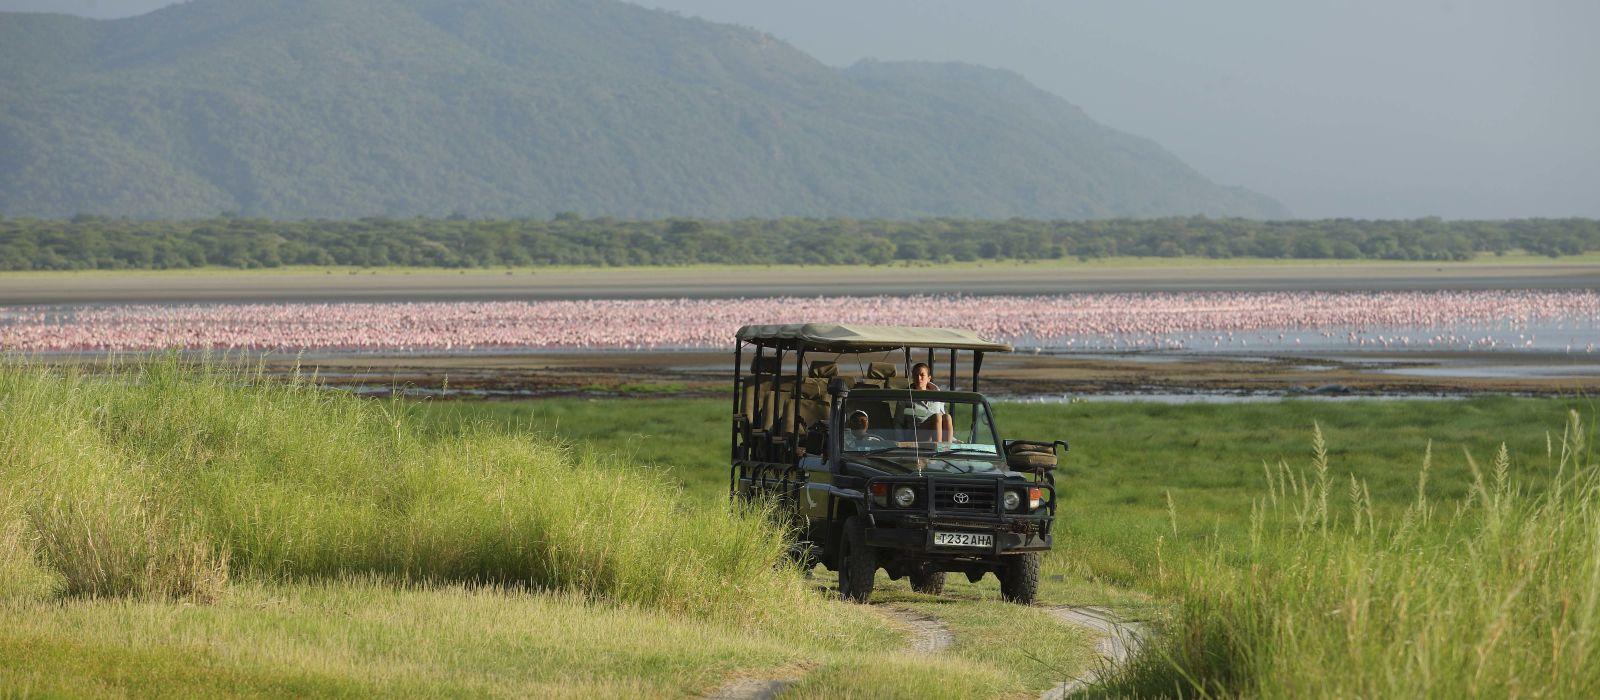 Nord-Tansania, ganz klassisch Urlaub 2